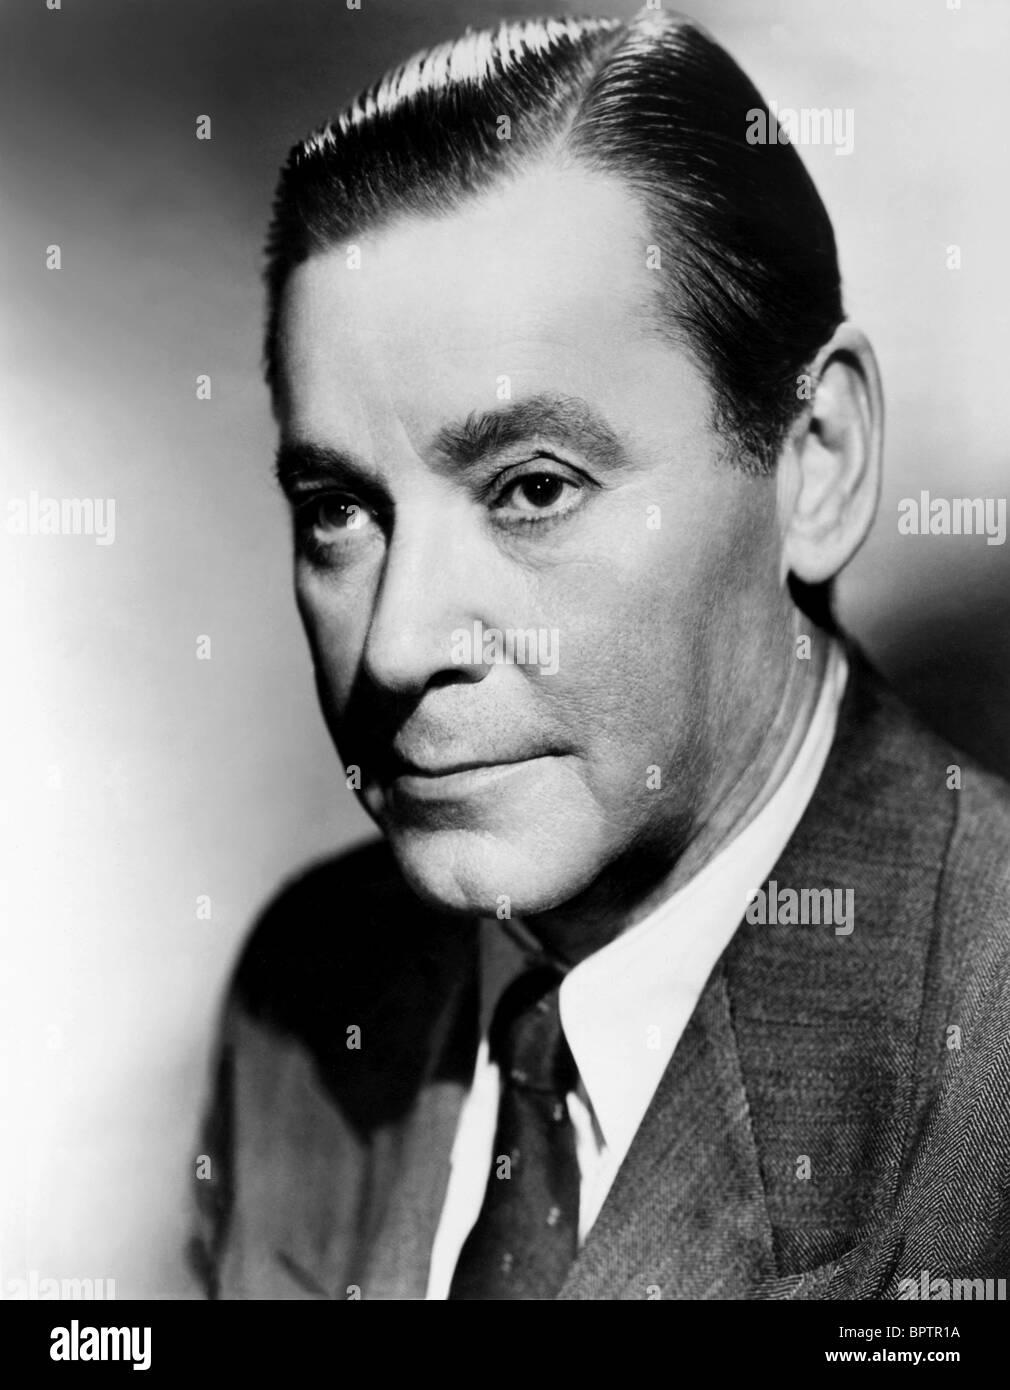 HERBERT MARSHALL ACTOR (1952) - Stock Image